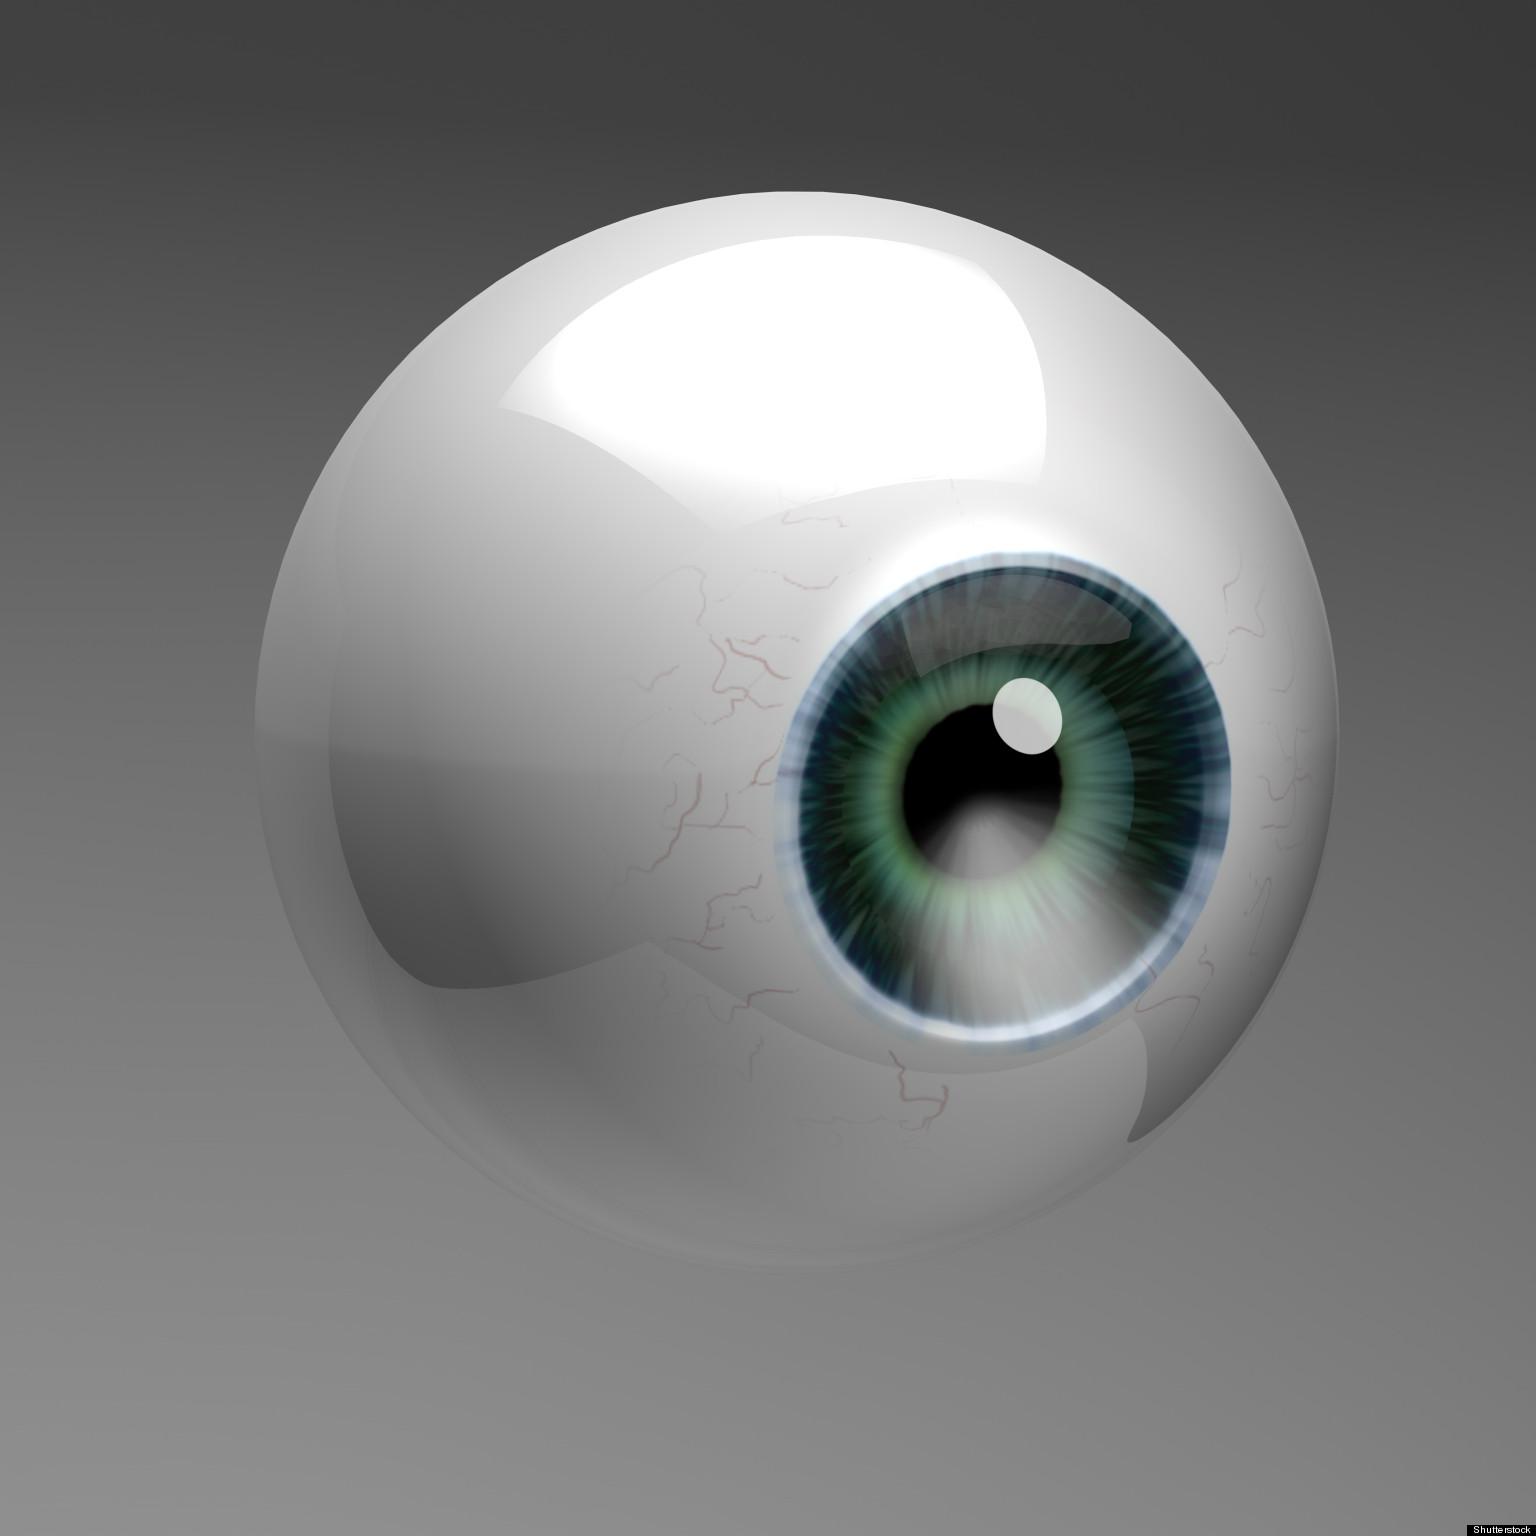 Real Eye Ball